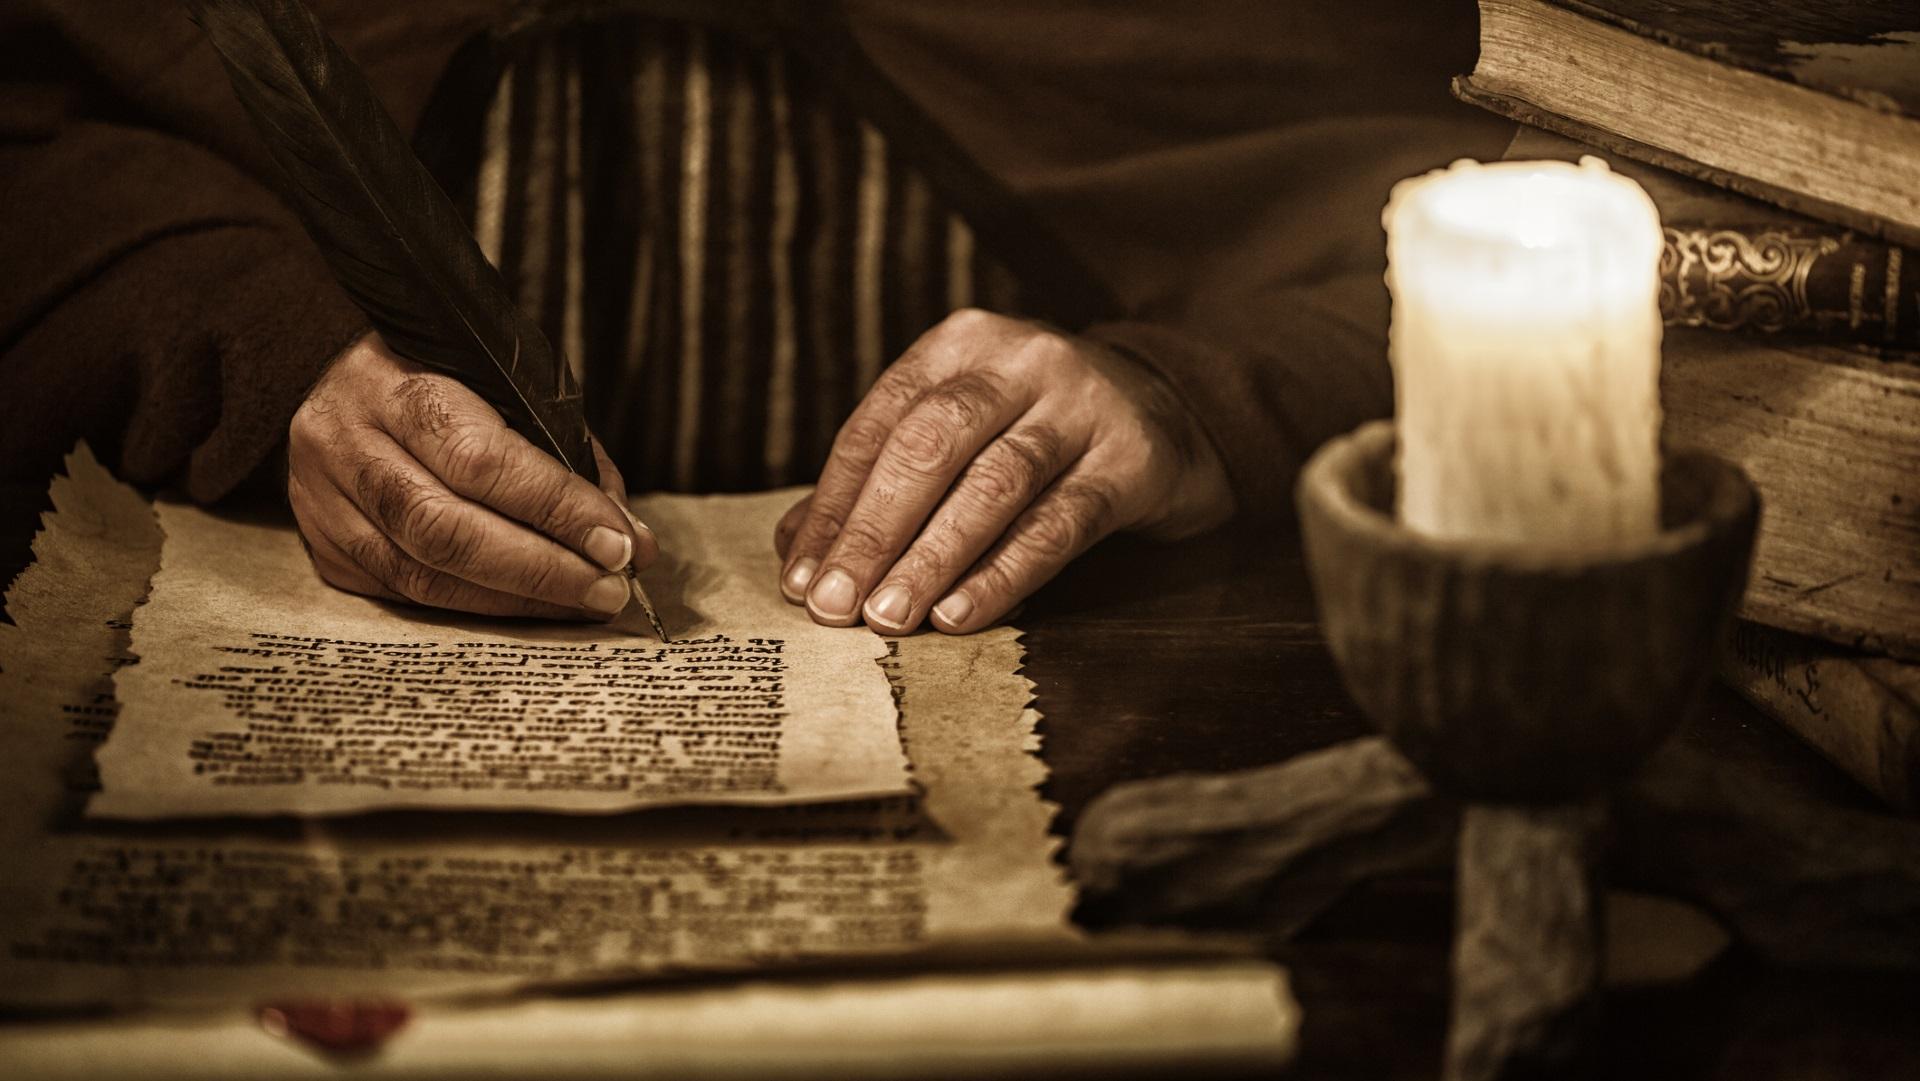 """Ръкописът, който никой не разчита<br /> <br /> Преди около 500 години се появява текст, написан на неизвестен език и непозната писмена система от неизвестен автор. Името на <a href=""""https://www.vesti.bg/razvlechenia/lyubopitno/shifyryt-na-vojnich-nerazgadana-misteriia-video-6040857"""">ръкописа</a> е дадено в чест на Уилфрид Войнич, литовски библиофил, който купува ръкописа през 1912 г. в Италия. Смята се, че текстът може да е бил написан в Северна Италия, но никой не е съвсем сигуренсигурен. Множество криптографи и пробивачи на кодове работят върху ръкописа, но никой не успява да разбере какво всъщност казва текстът."""